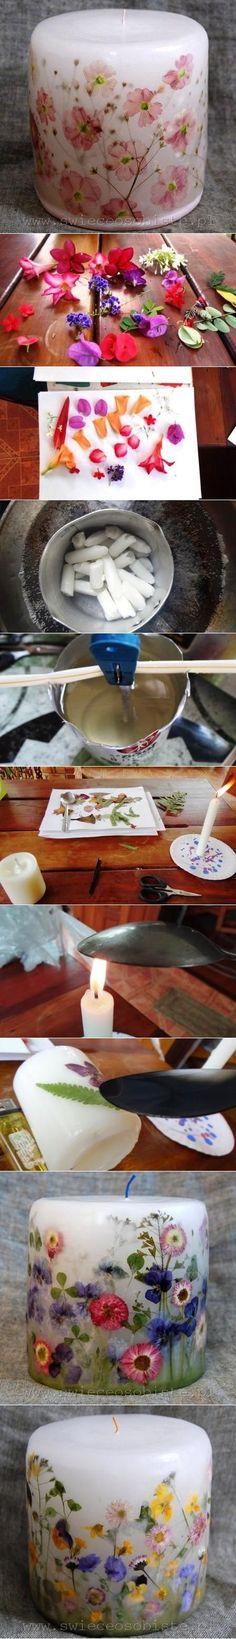 DIY Flower Candle DIY Projects | UsefulDIY.com Zelf kaarsen maken met echte bloemen op de rand